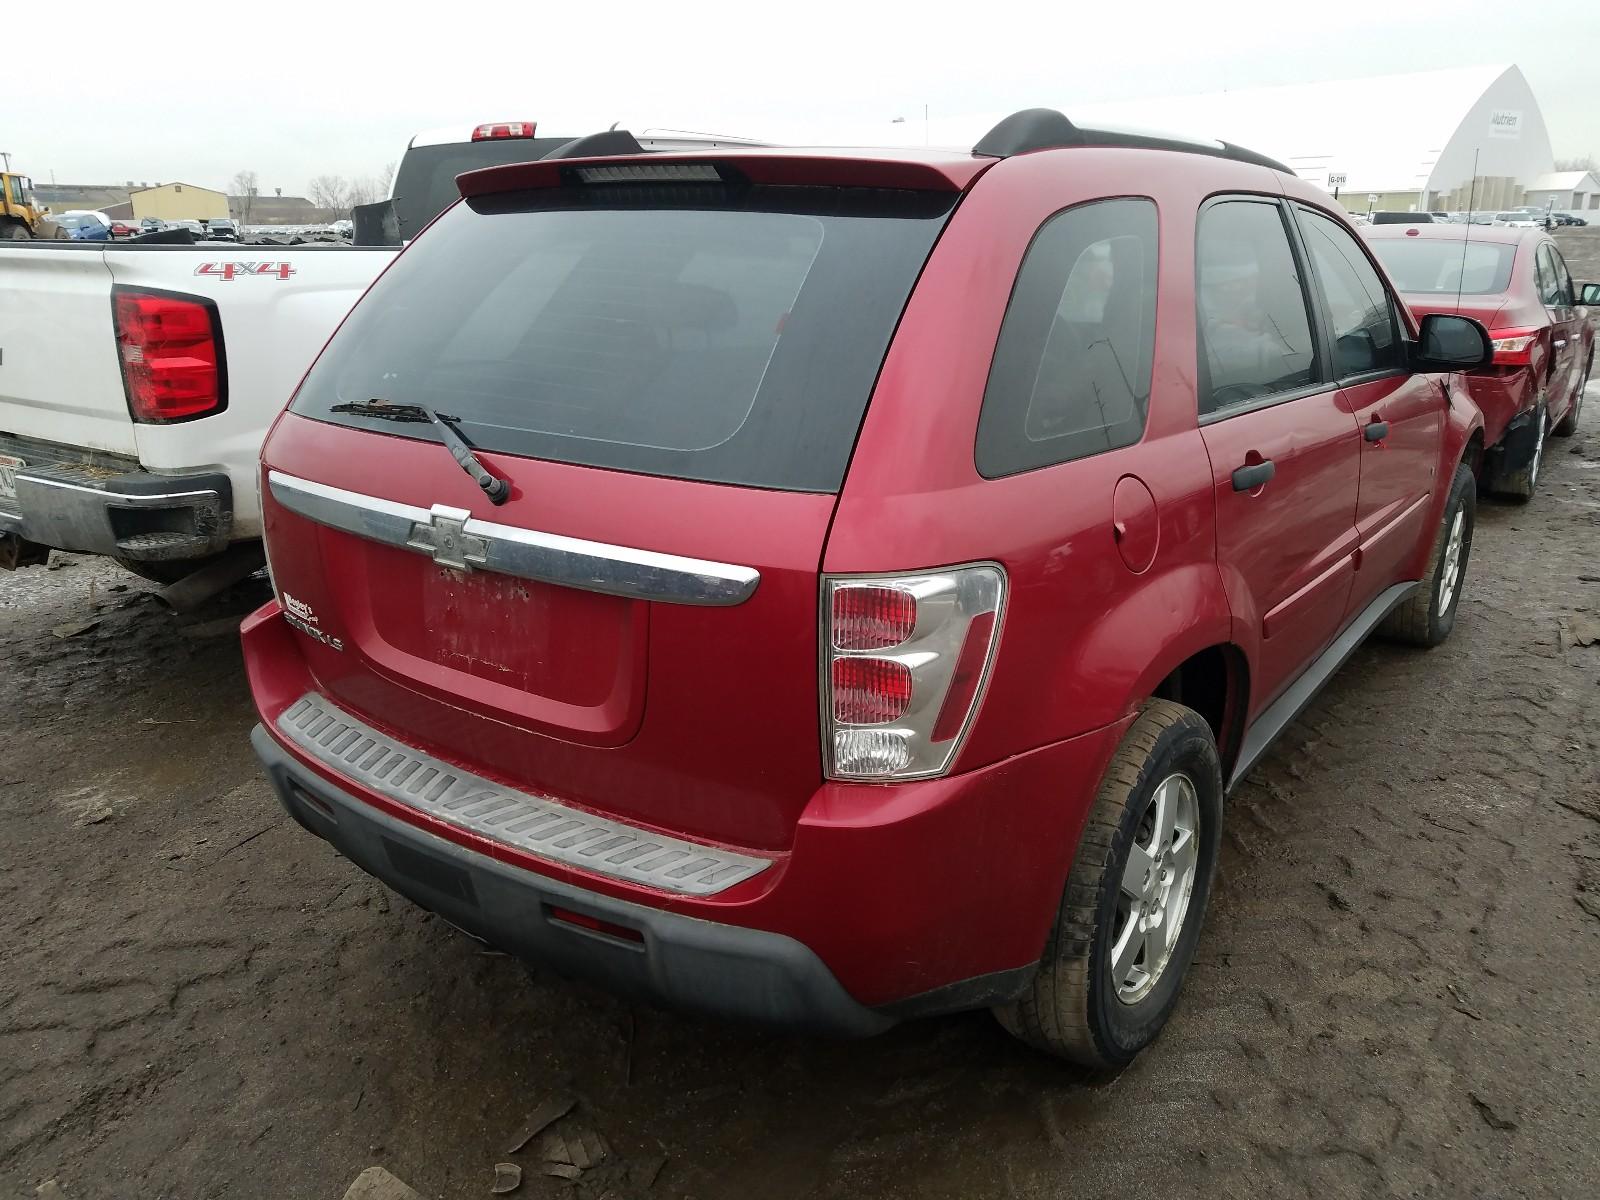 2CNDL13F466179511 - 2006 Chevrolet Equinox Ls 3.4L rear view